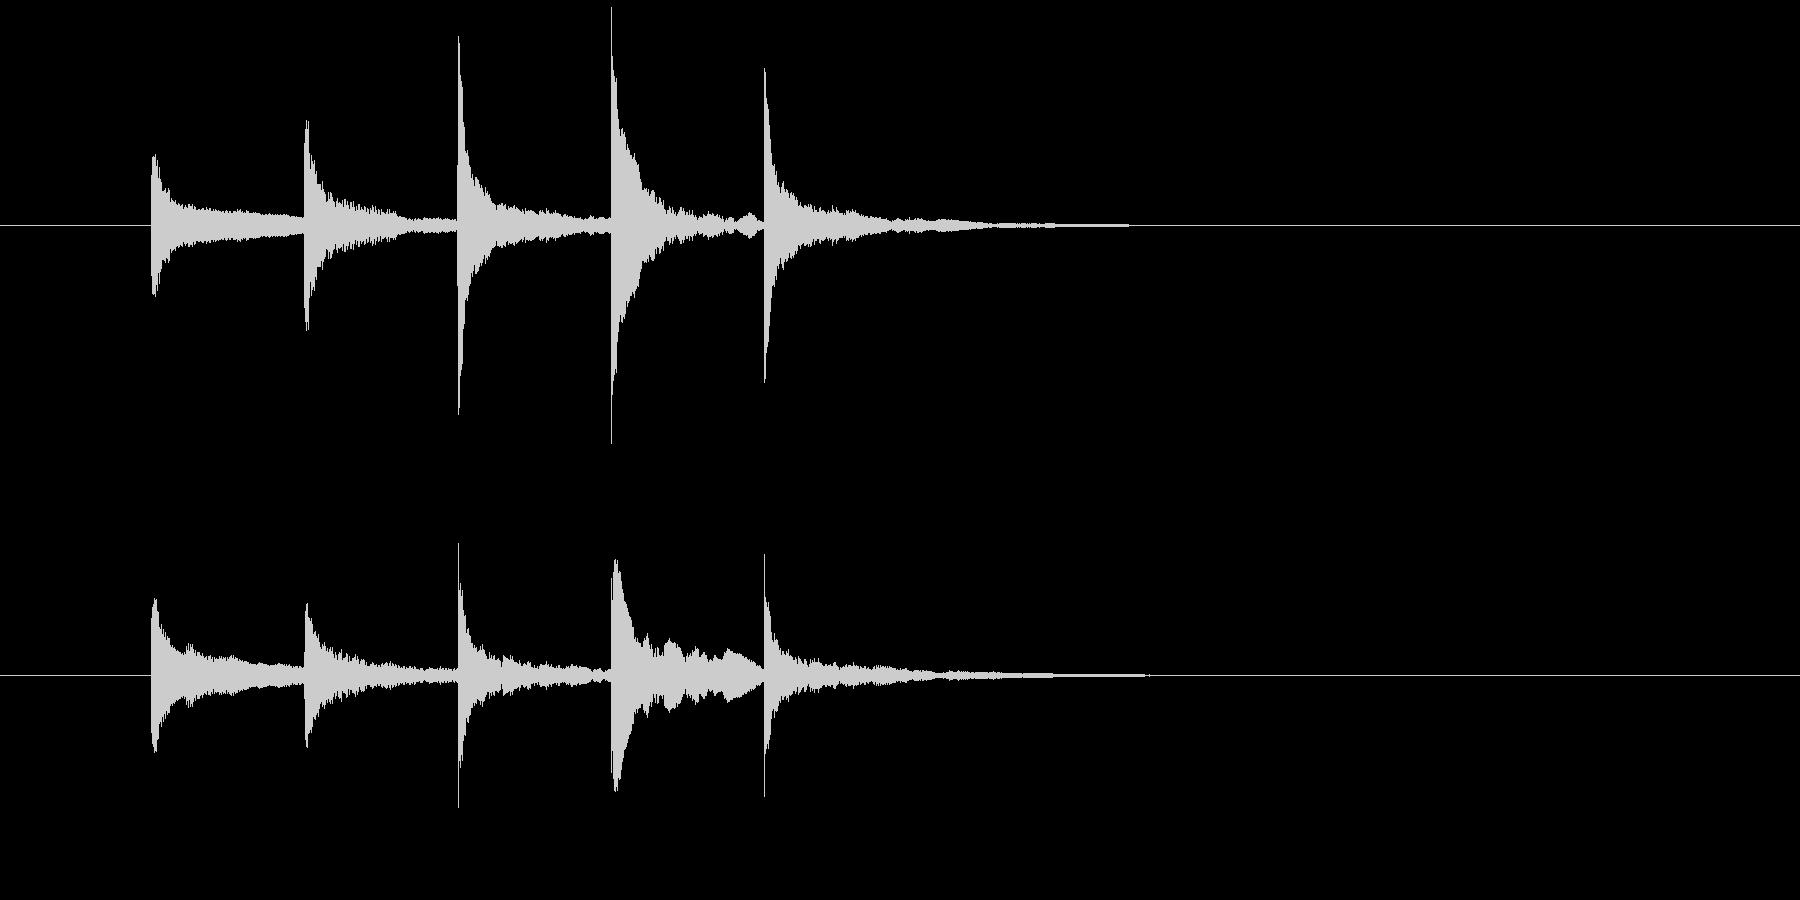 サウンドロゴ・ジングルXylophoneの未再生の波形